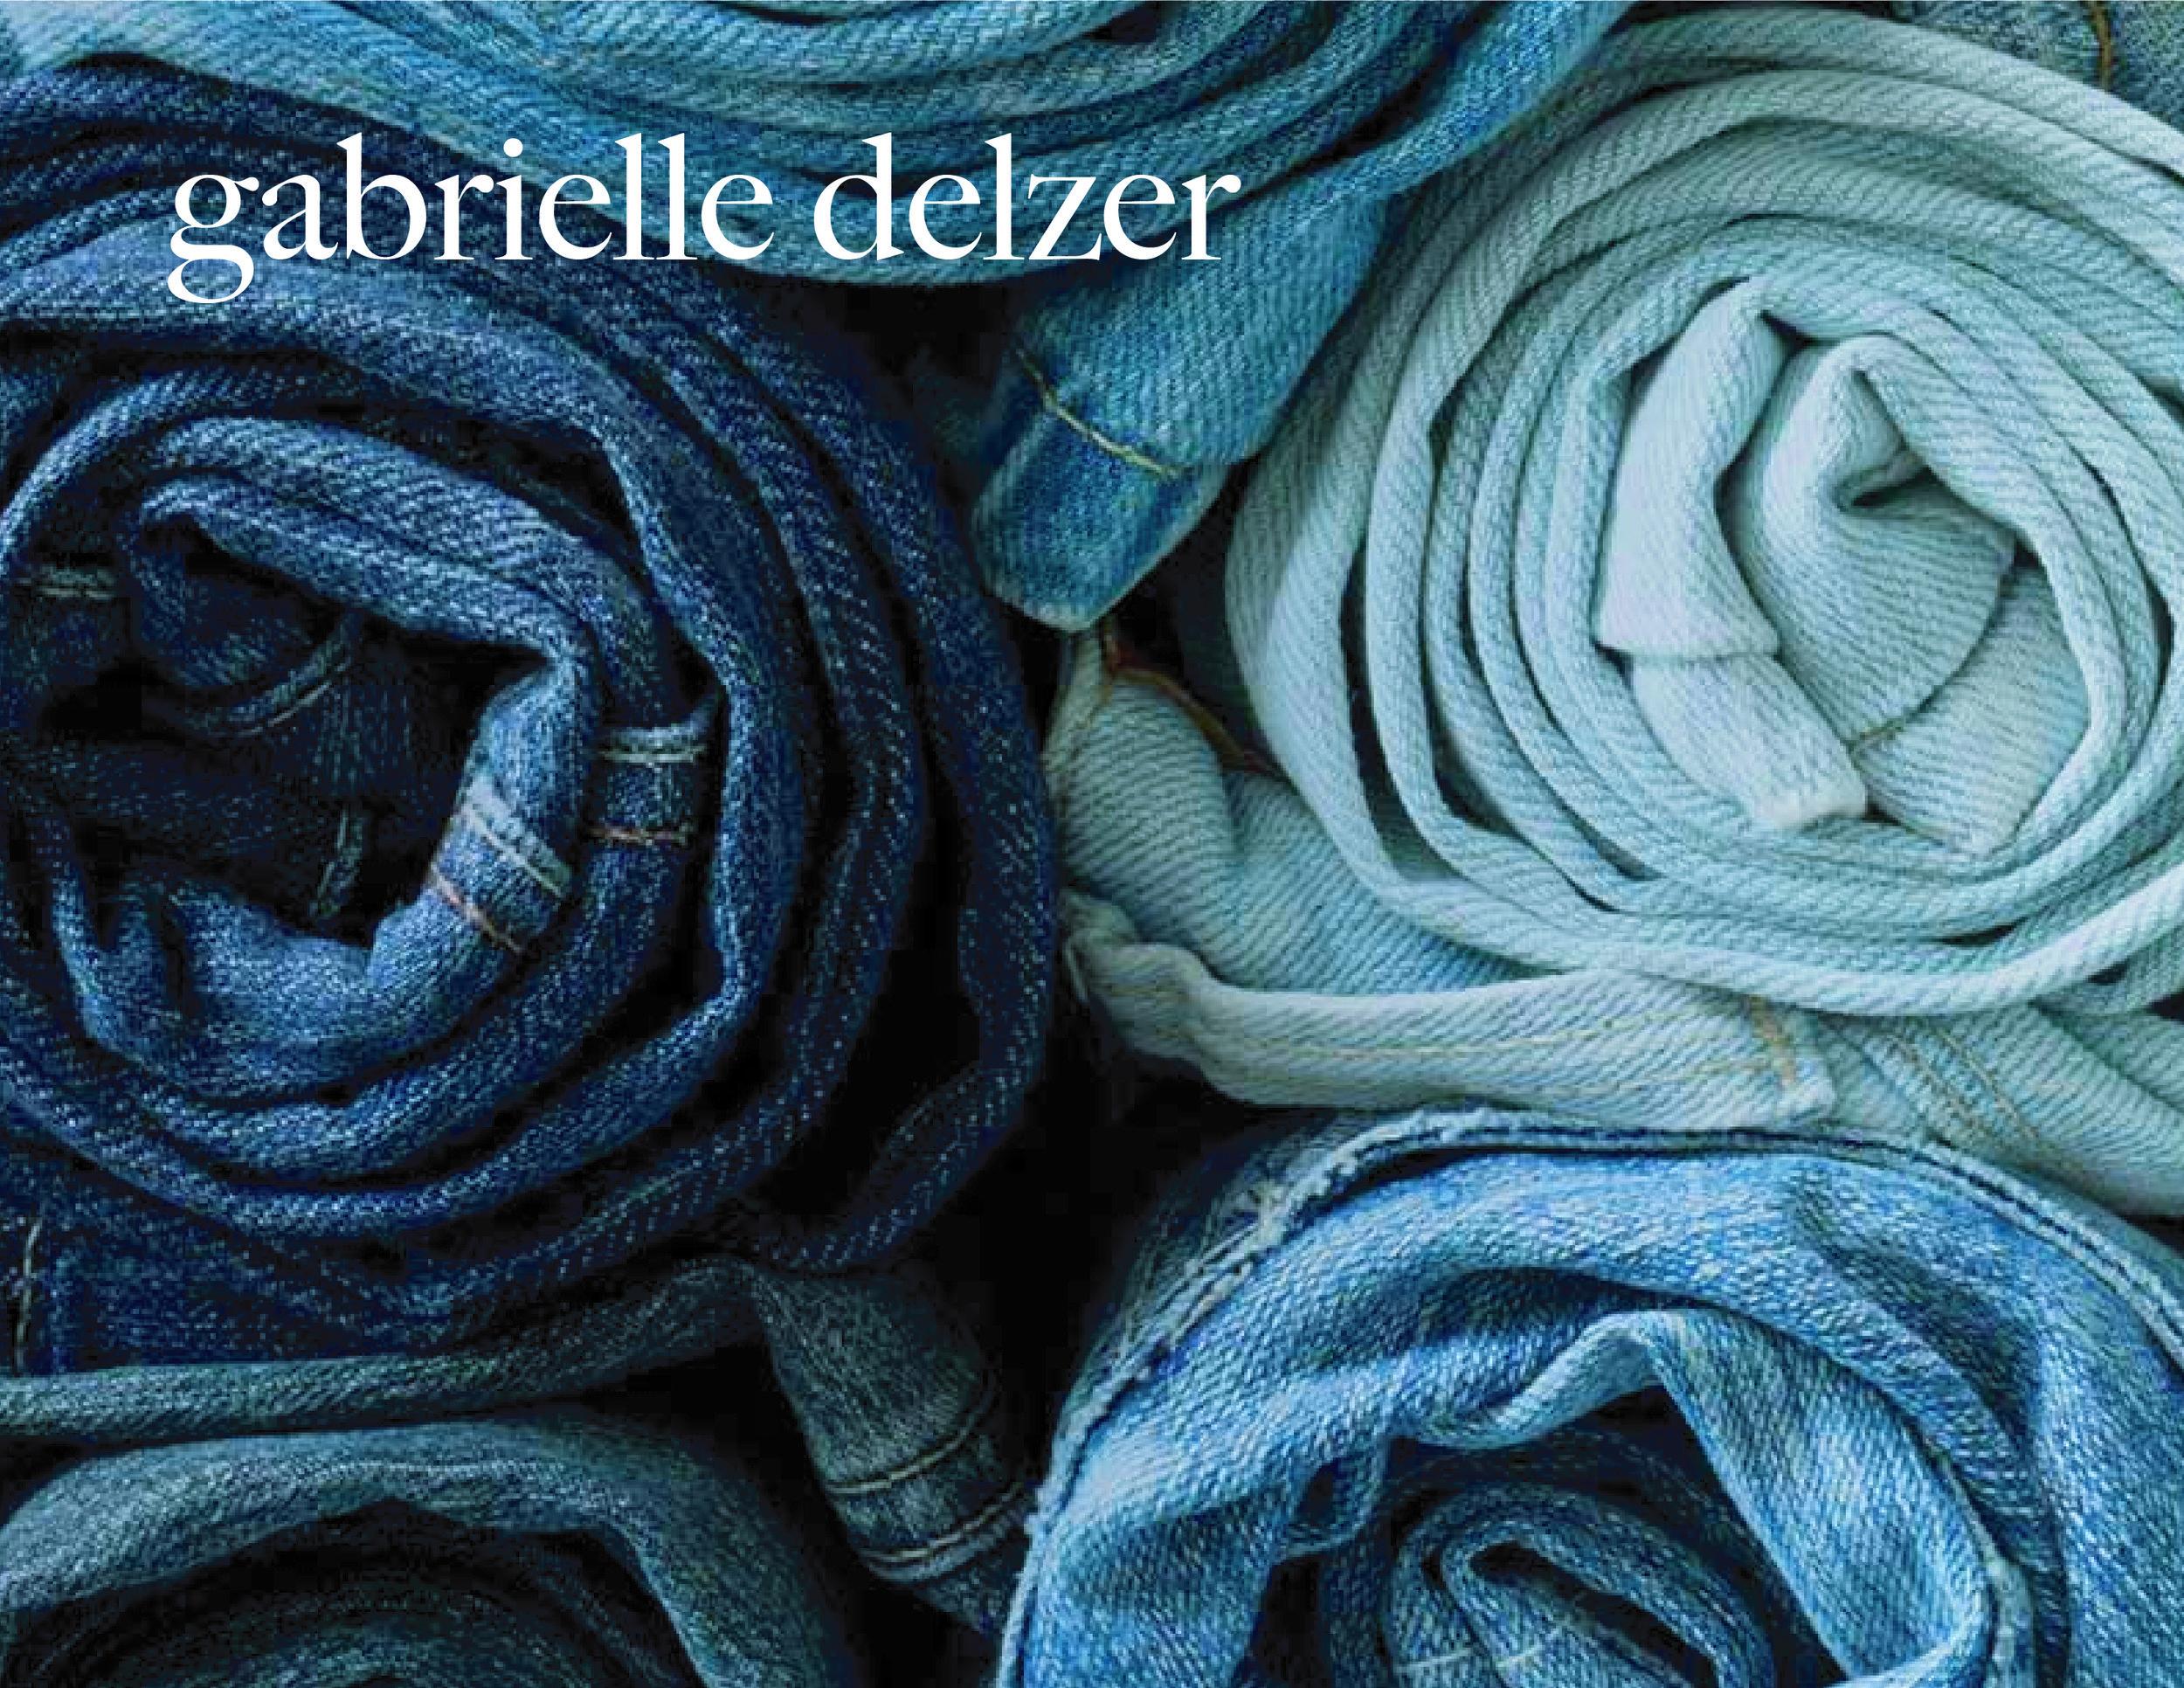 Gabrielle Delzer Girls Denim work-01.jpg